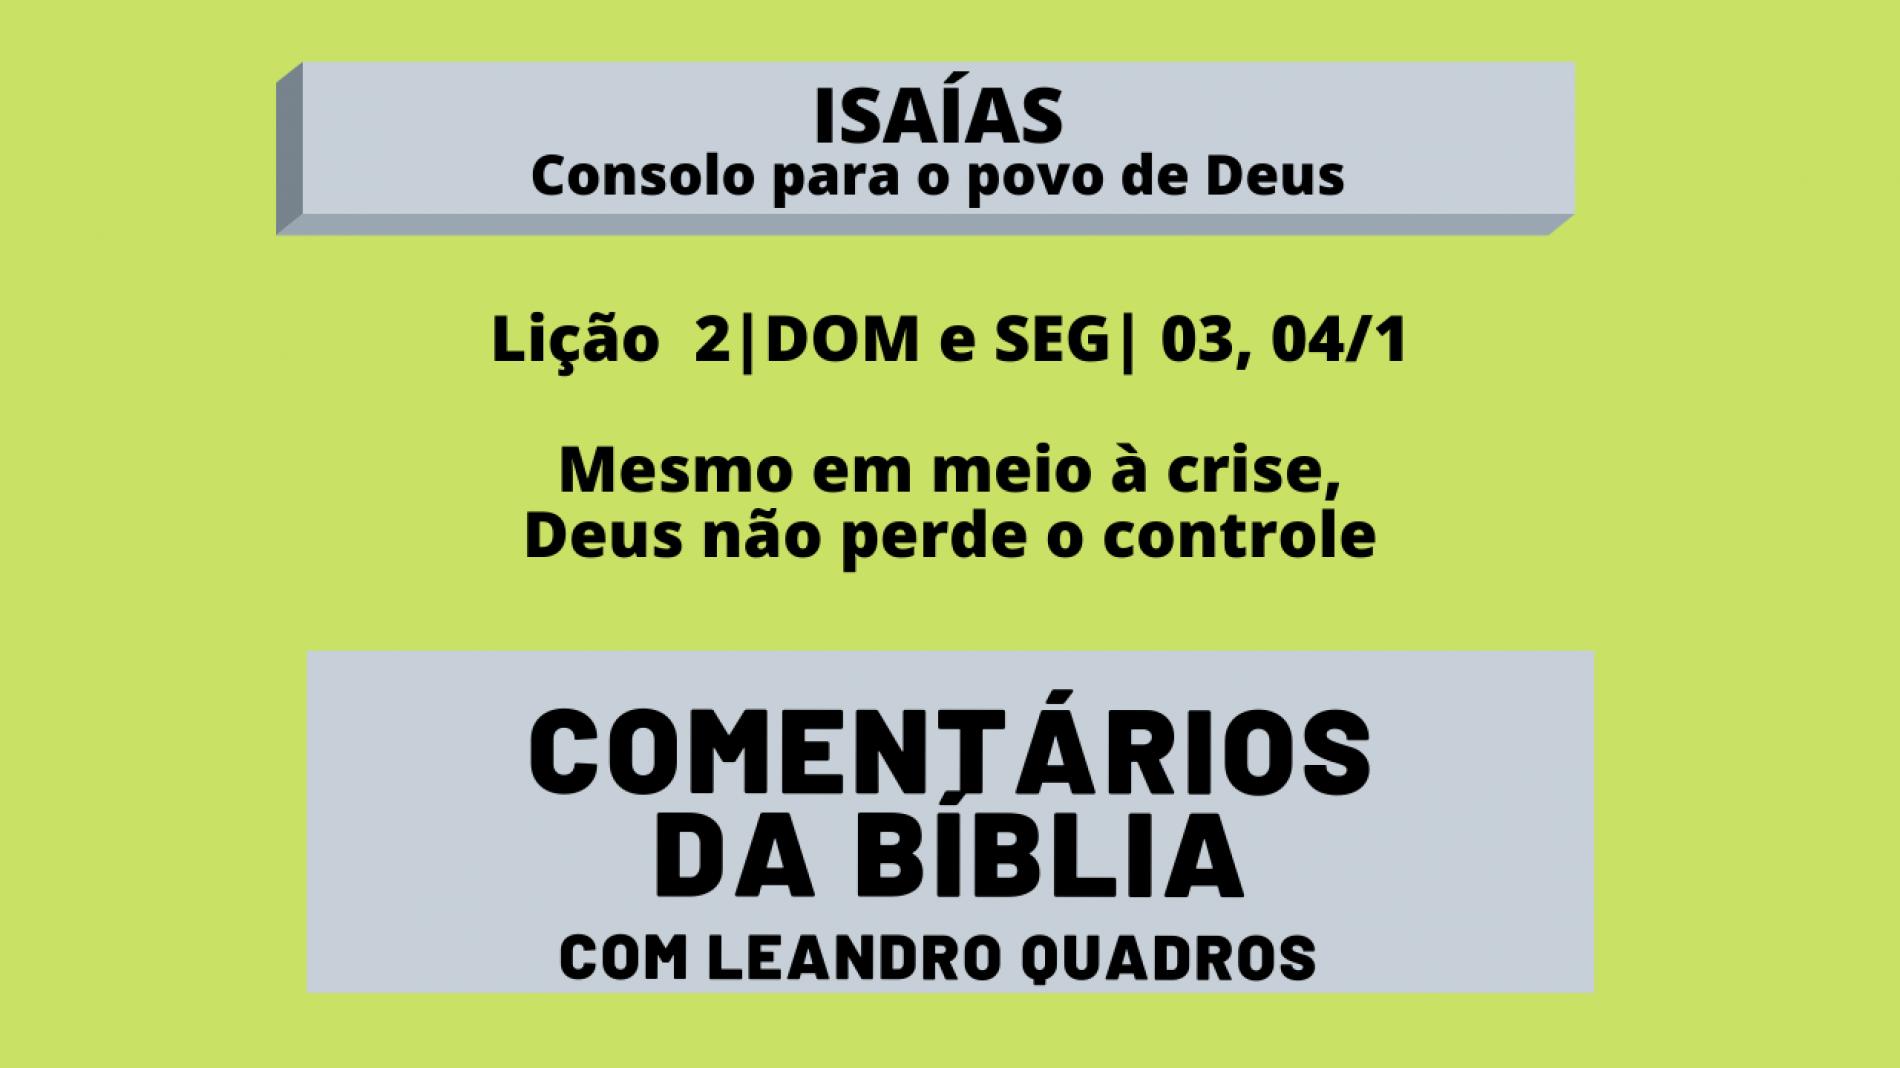 Domingo e Segunda  3, 4/1  Mesmo em meio à crise, Deus não perde o controle